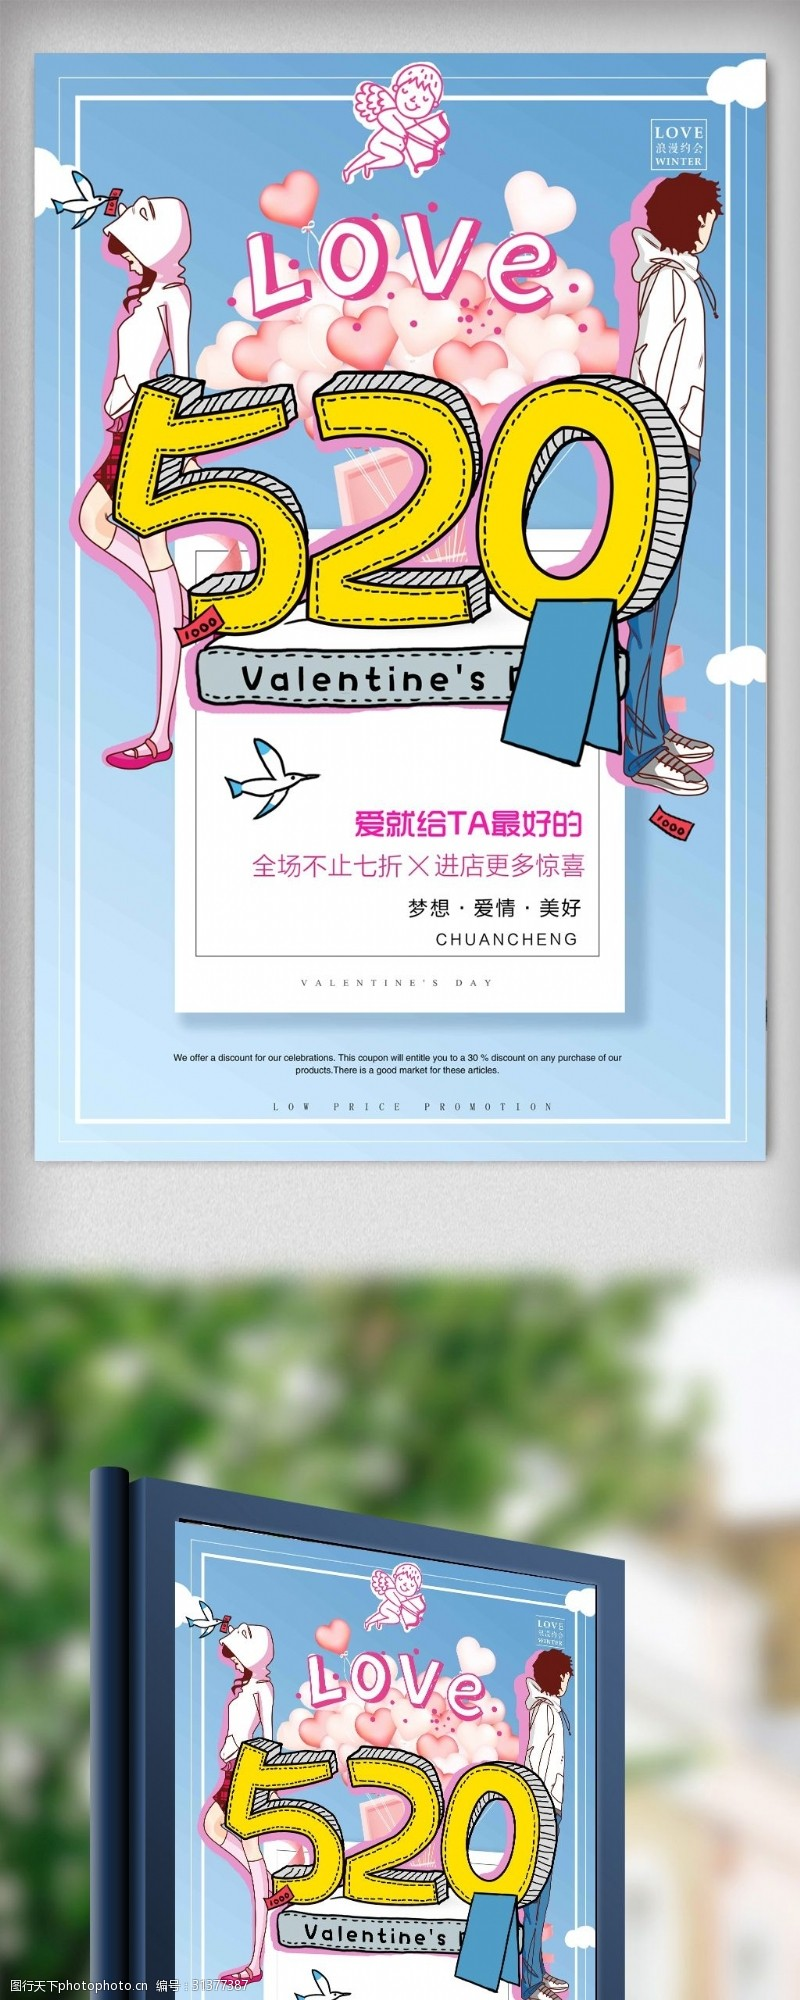 情侣模板卡通情侣表白520节日促销海报